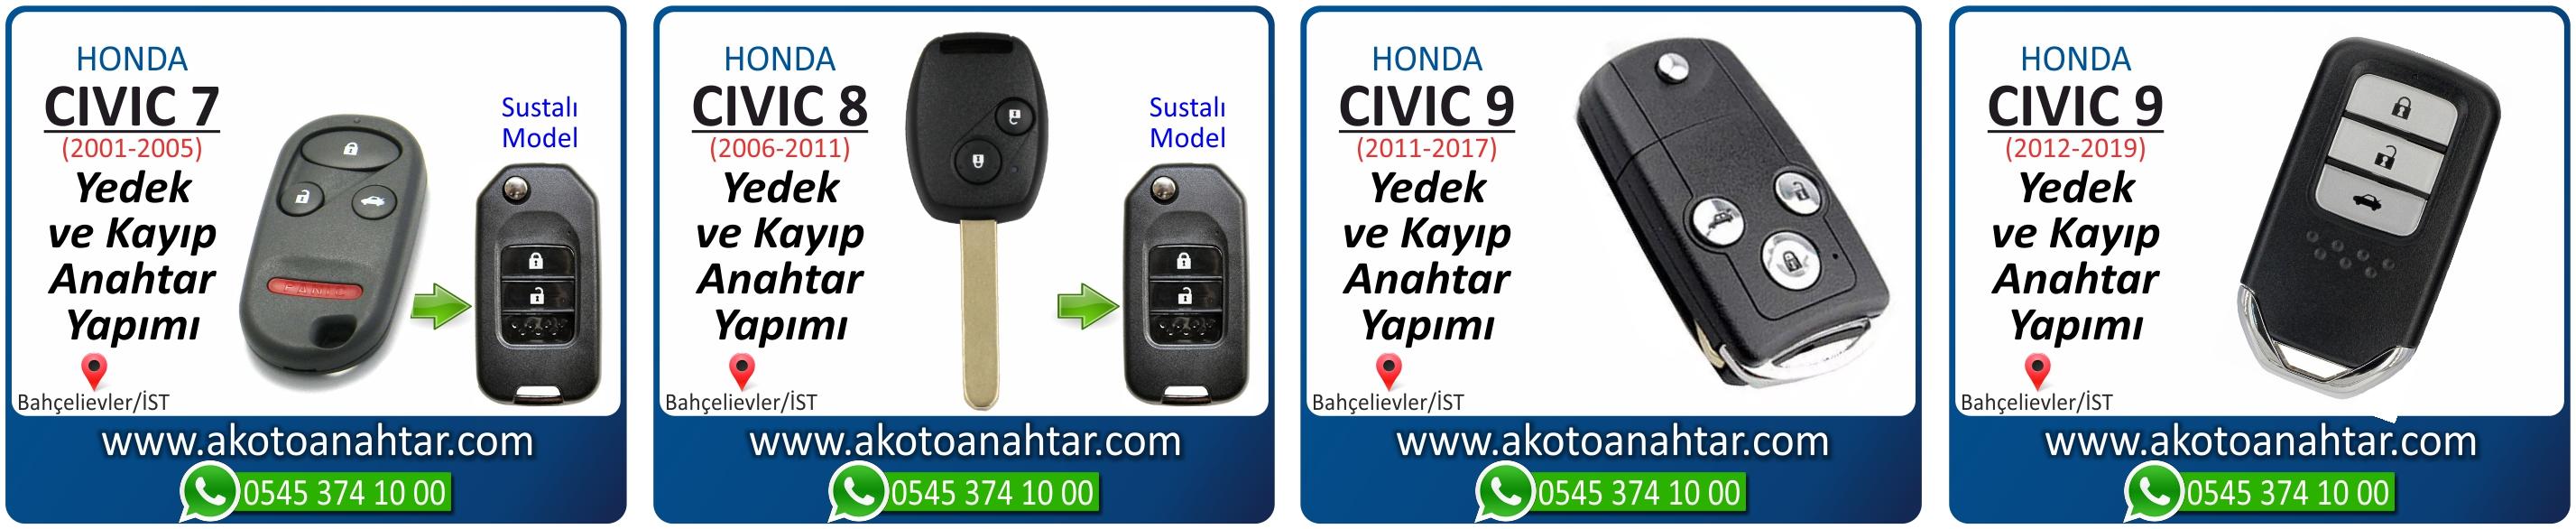 honda civic anahtari - Honda Civic 9 Anahtarı | Yedek ve Kayıp Anahtar Yapımı